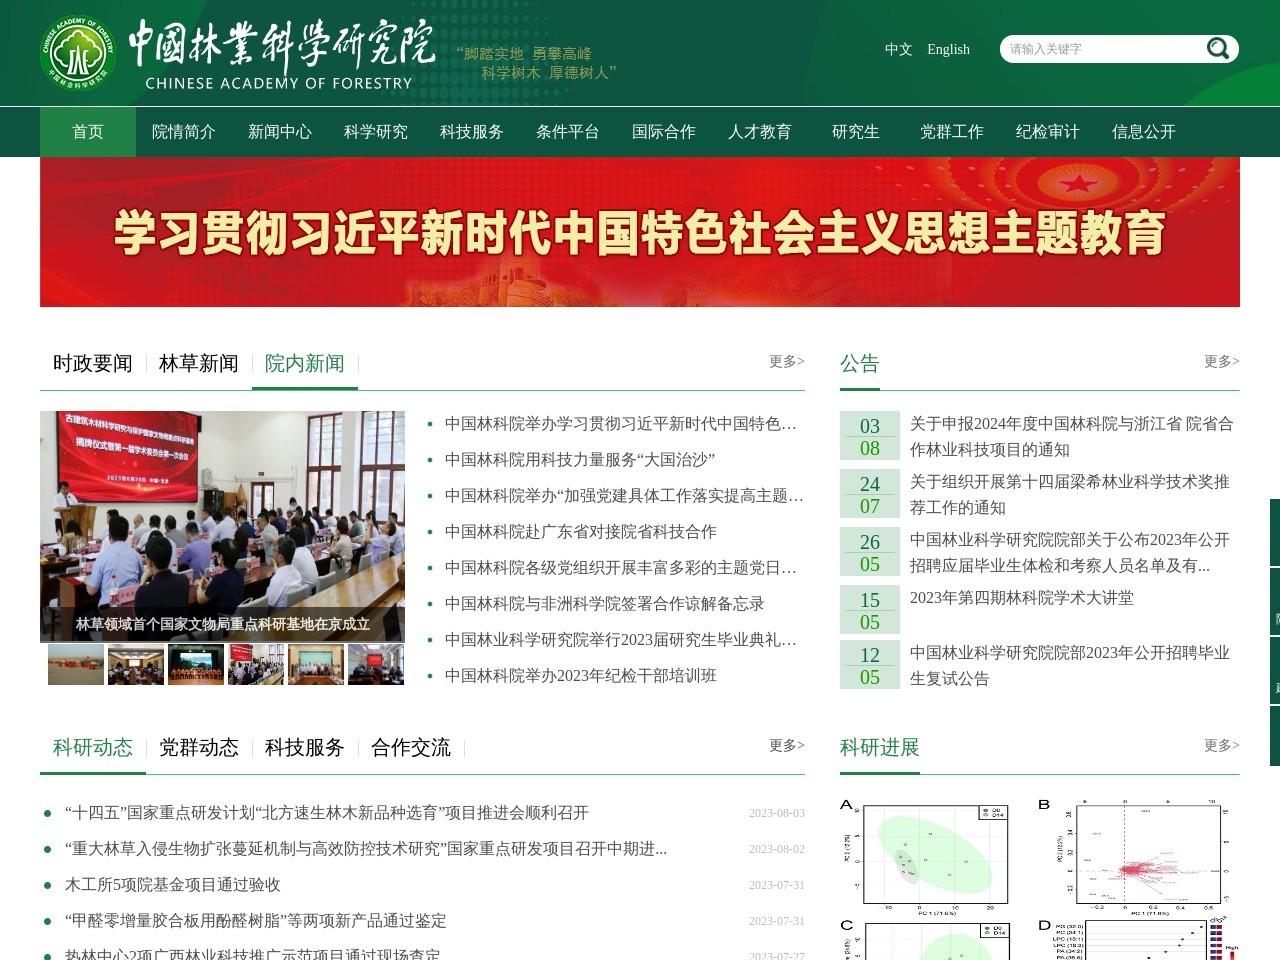 中国林业科学研究院